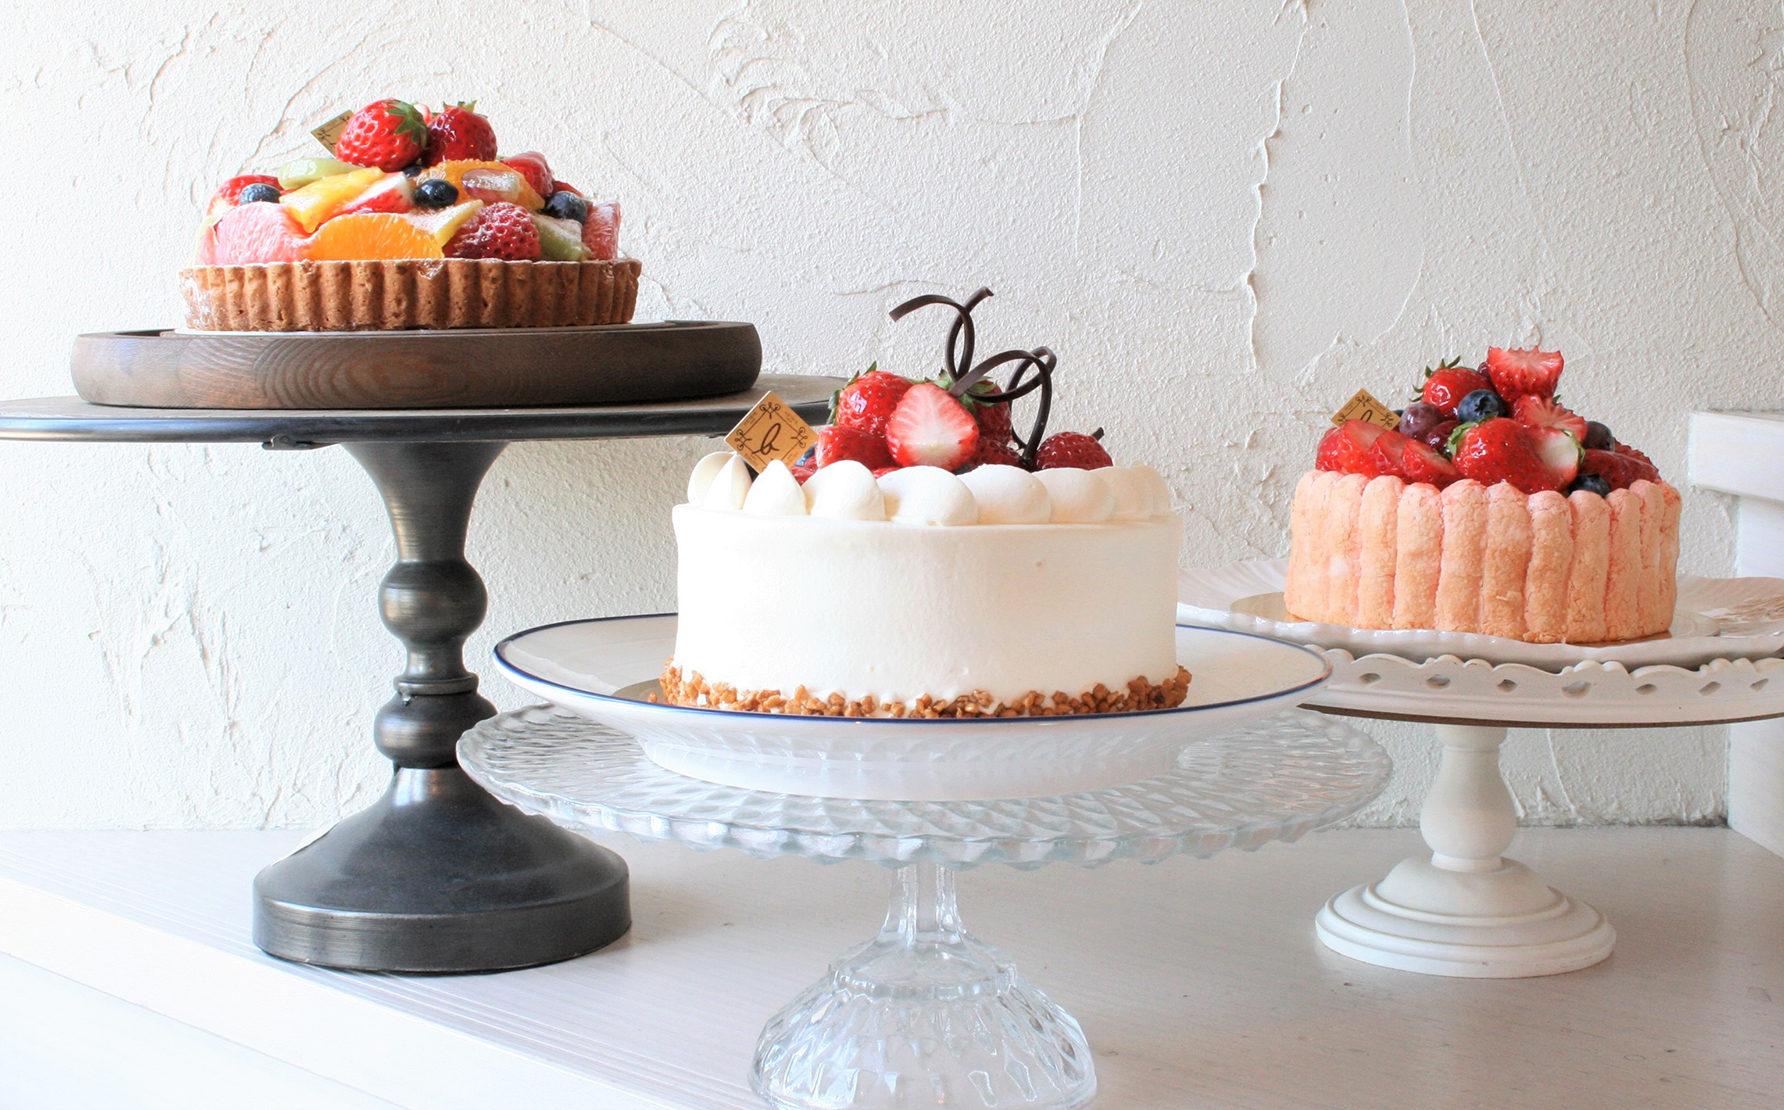 家族の誕生日、友達や恋人同士のパーティーで楽しめる特別なケーキをご提案。